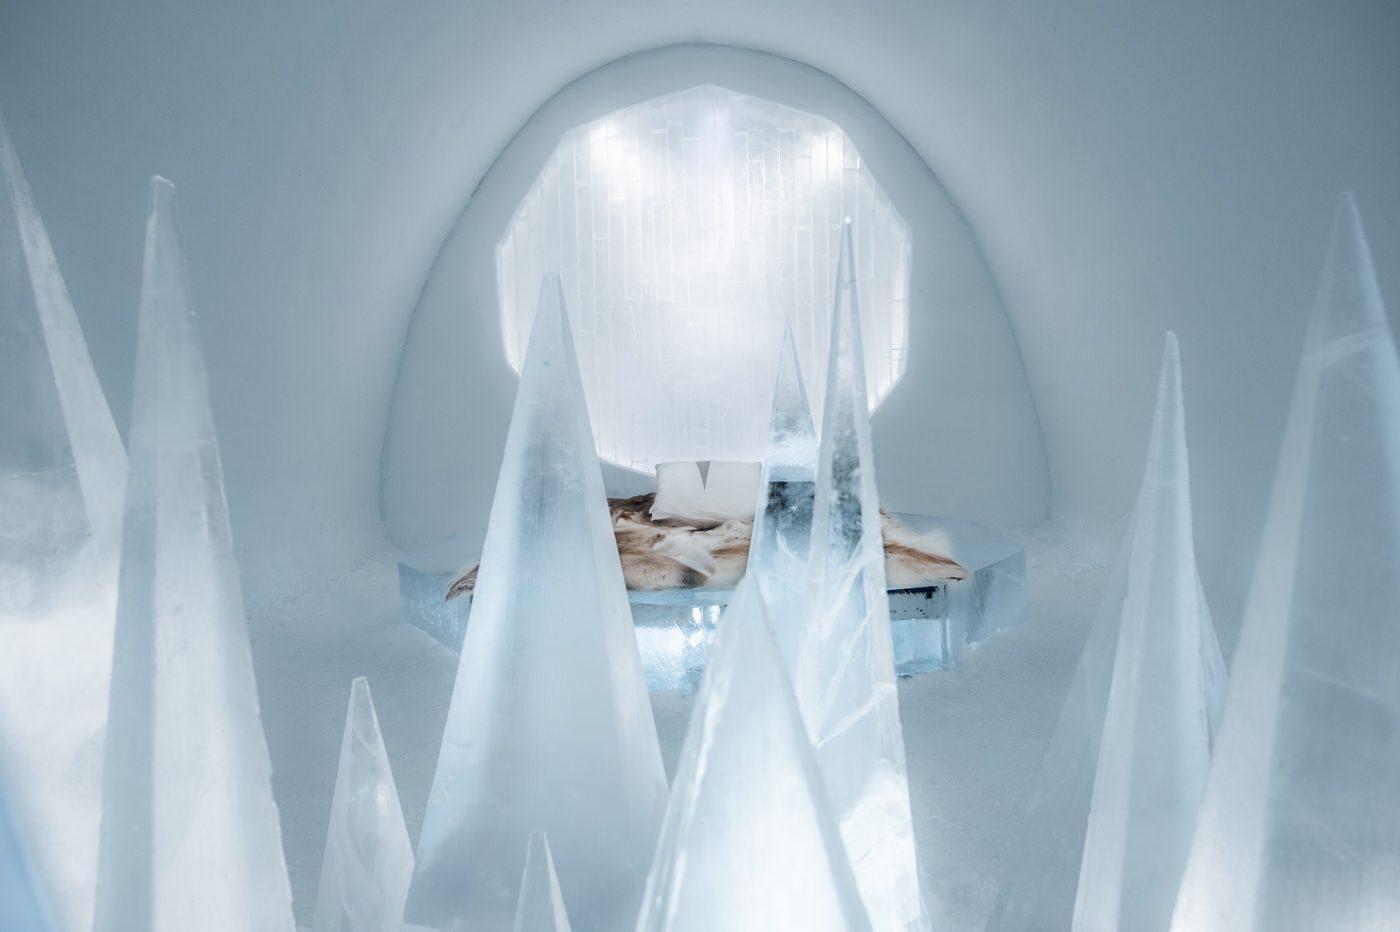 art-suite-white-desert-icehotel-28-1400x932.jpg